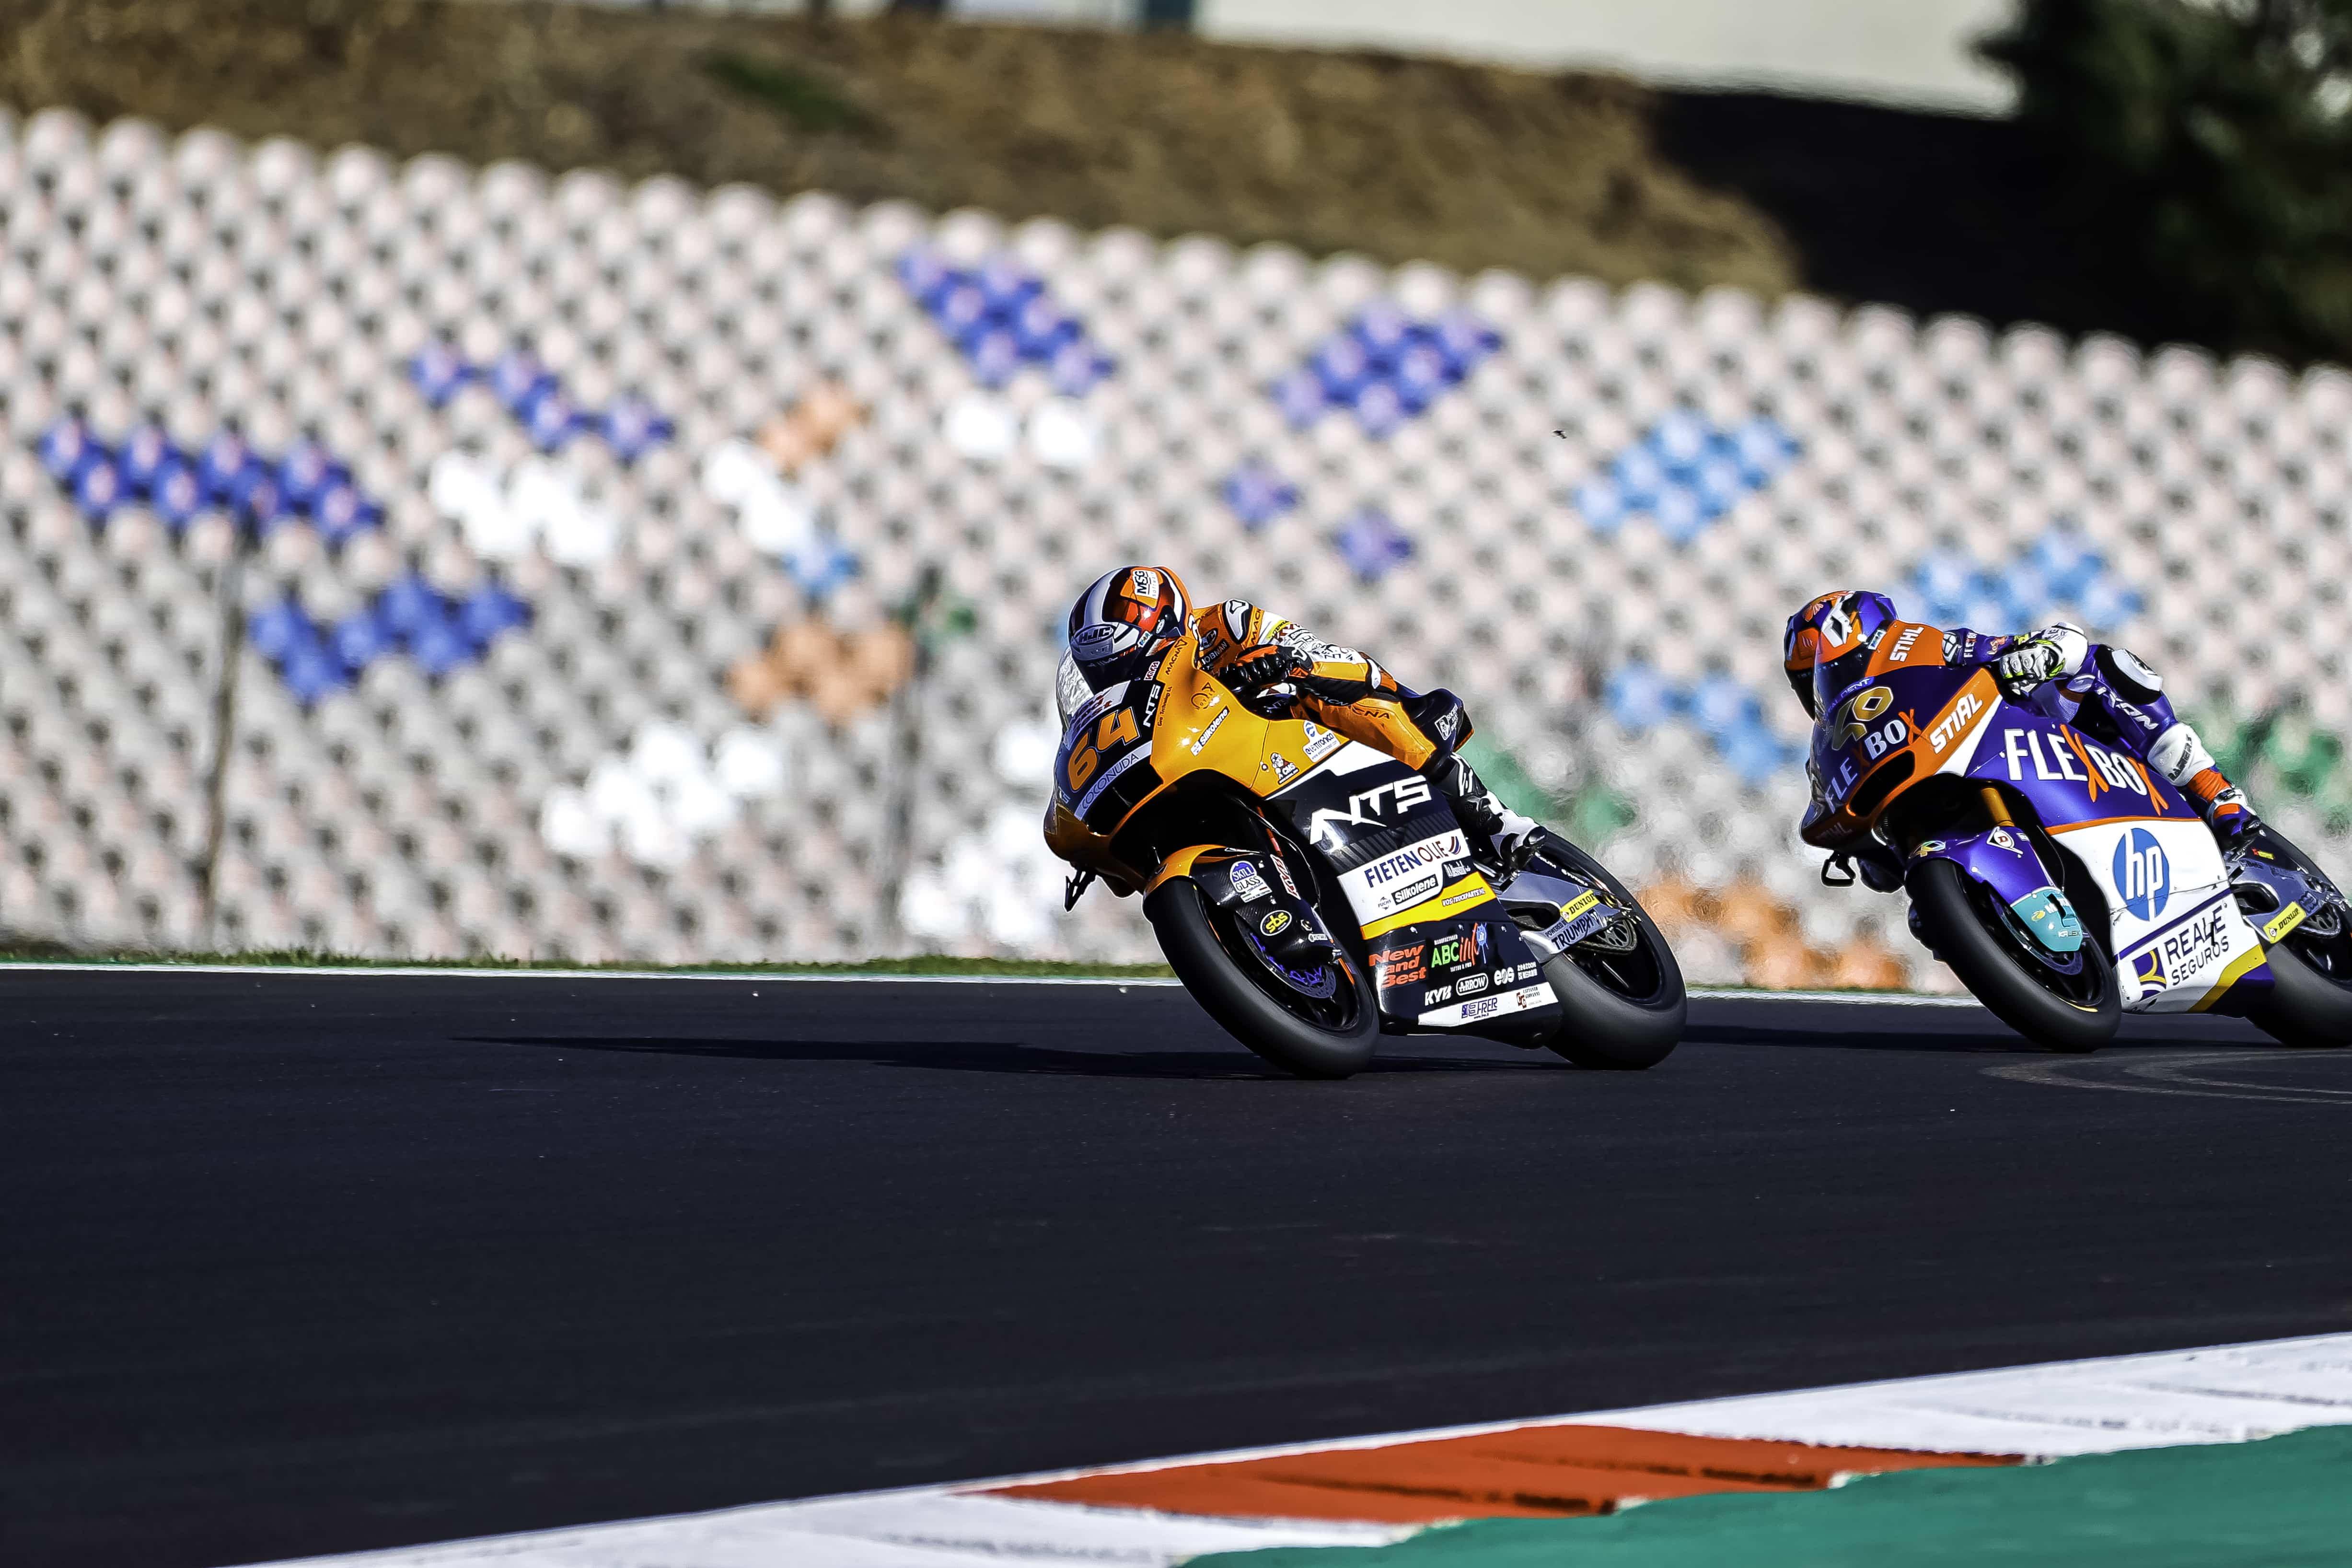 ポルトガルGP NTS RW Racing GP 公式練習3、公式予選レポート